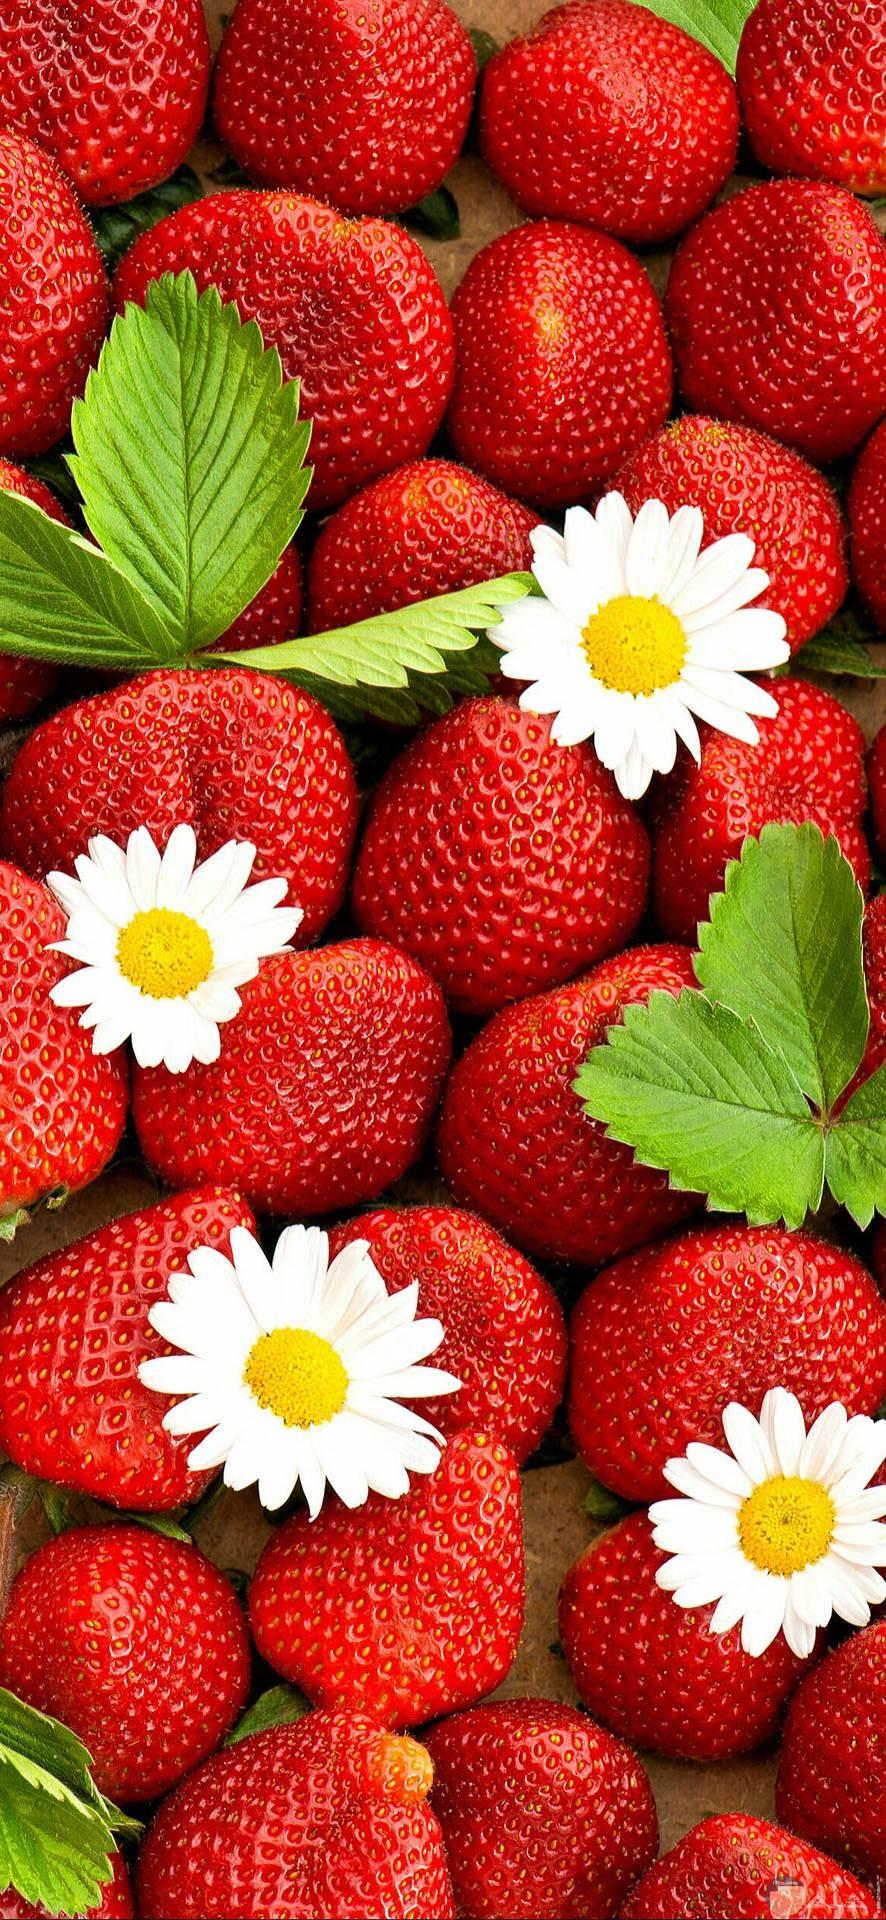 أجمل صور فراولة